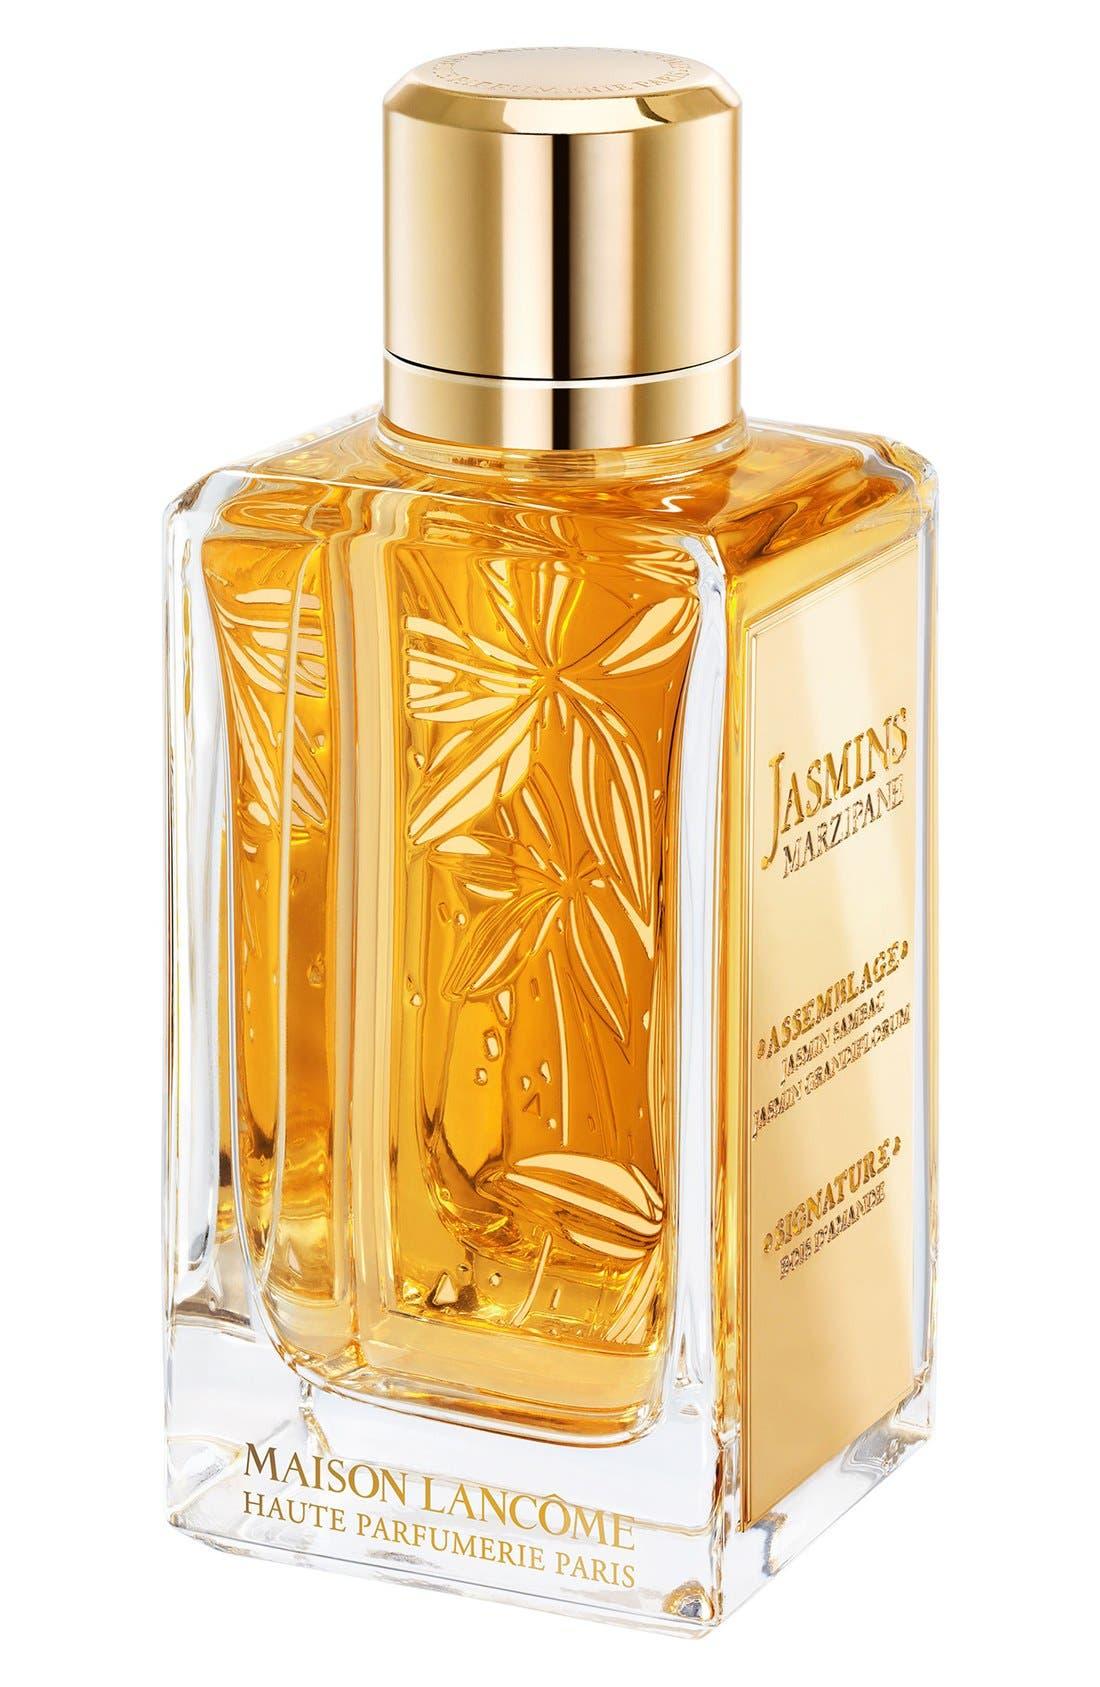 Maison Lancôme - Jasmins Marzipane Eau de Parfum,                             Alternate thumbnail 3, color,                             NO COLOR